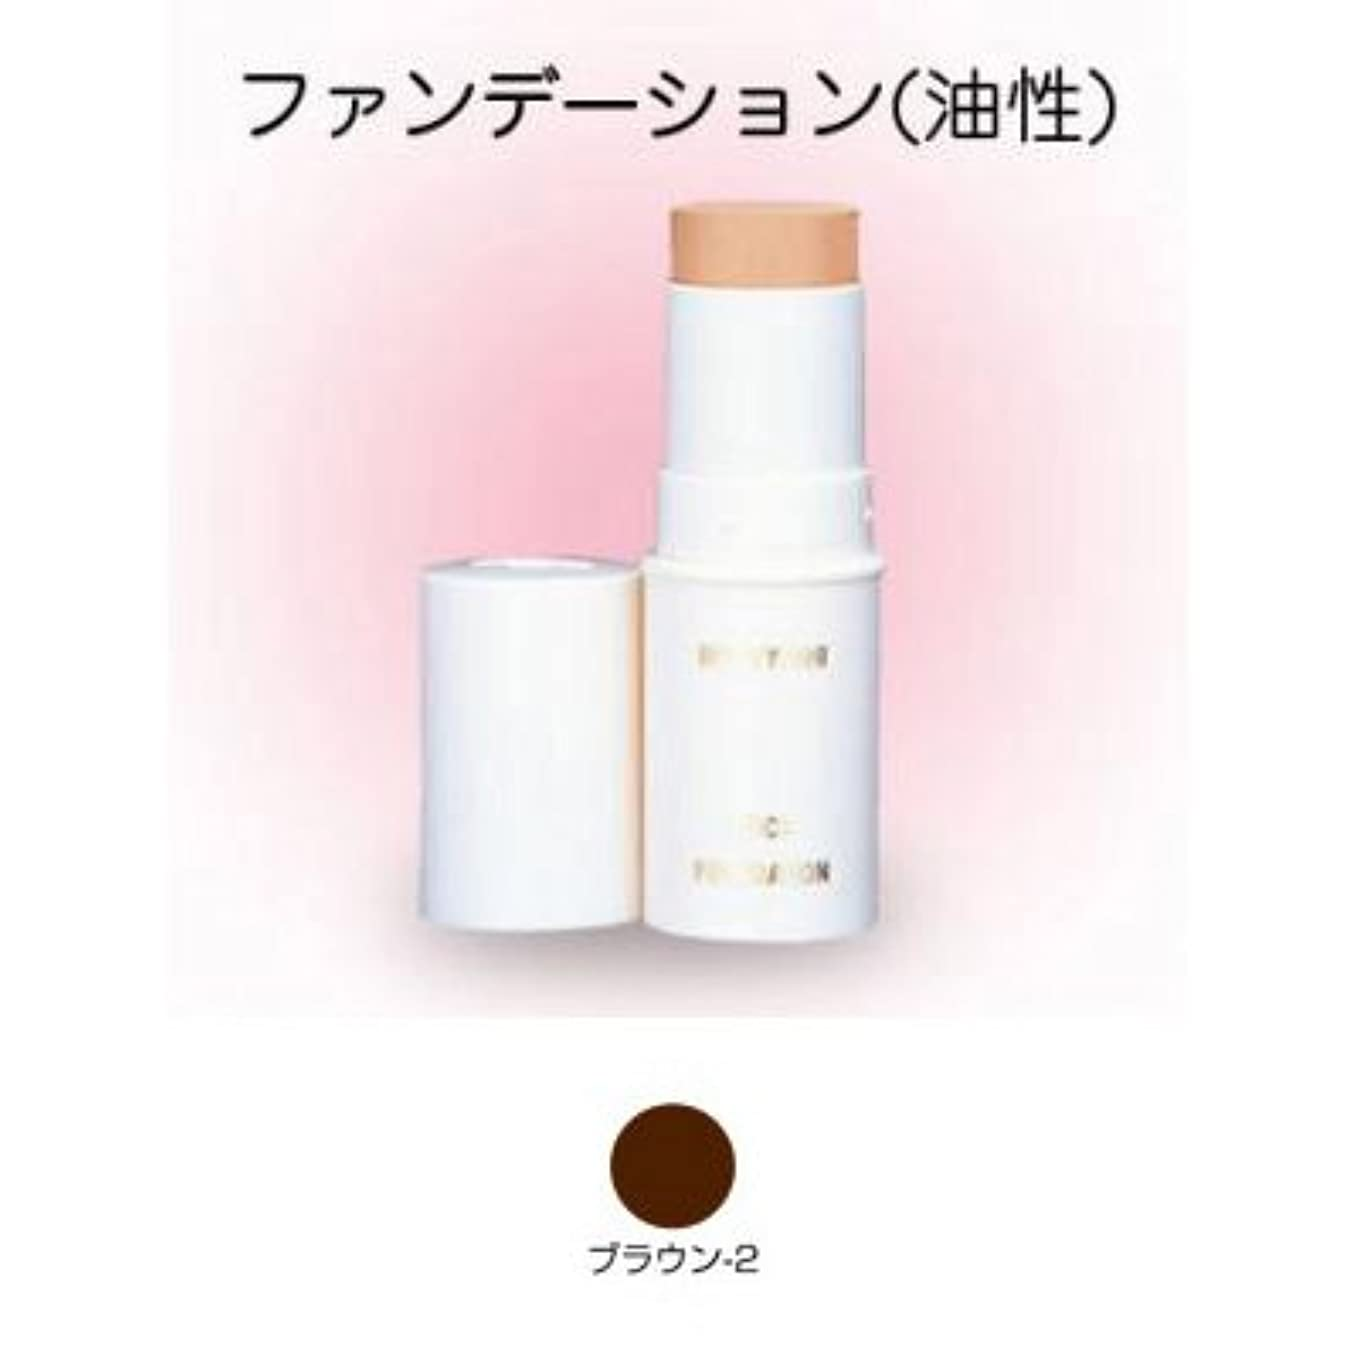 アルファベット職人浮くスティックファンデーション 16g ブラウン-2 【三善】